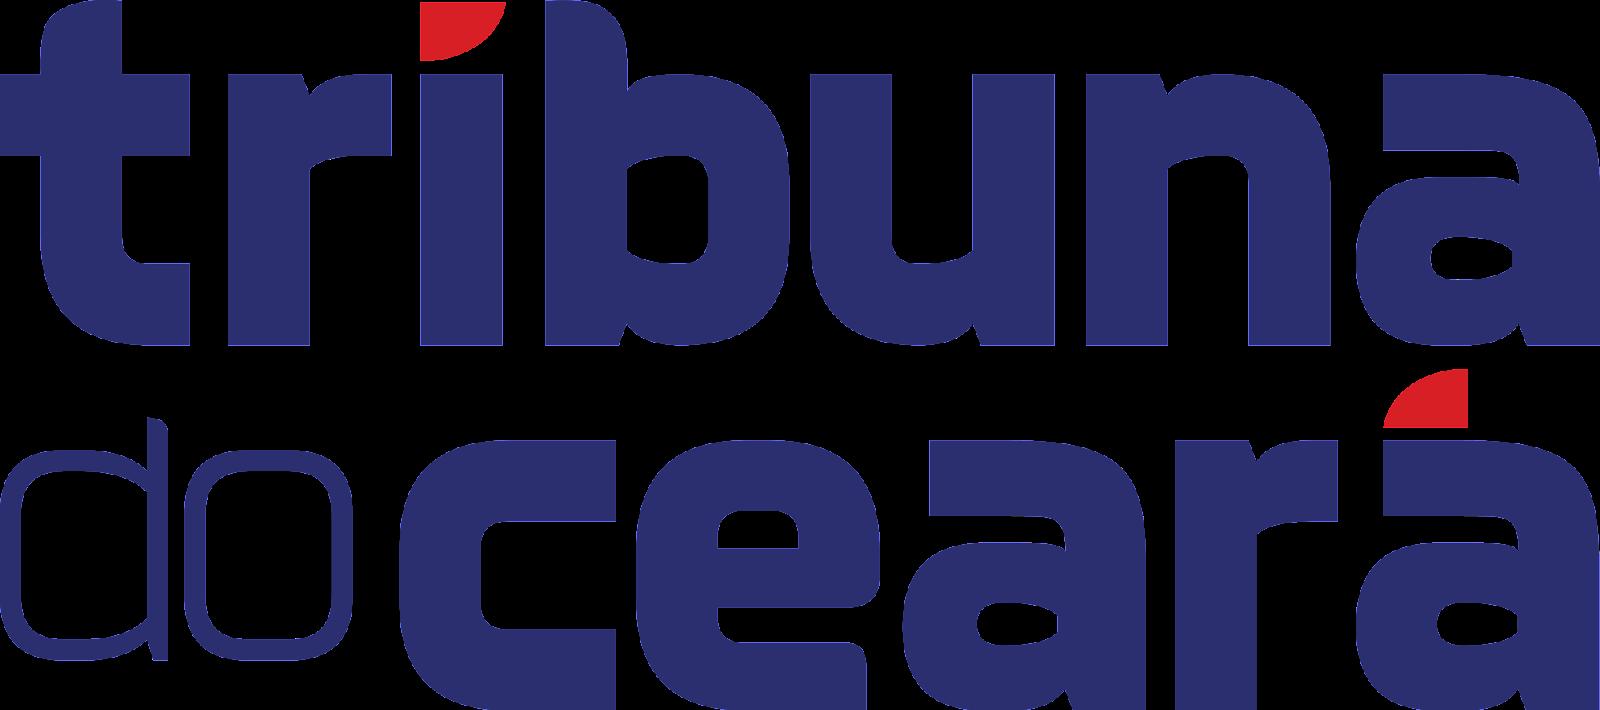 Tribuna_do_Ceará_wordmark.svg.png